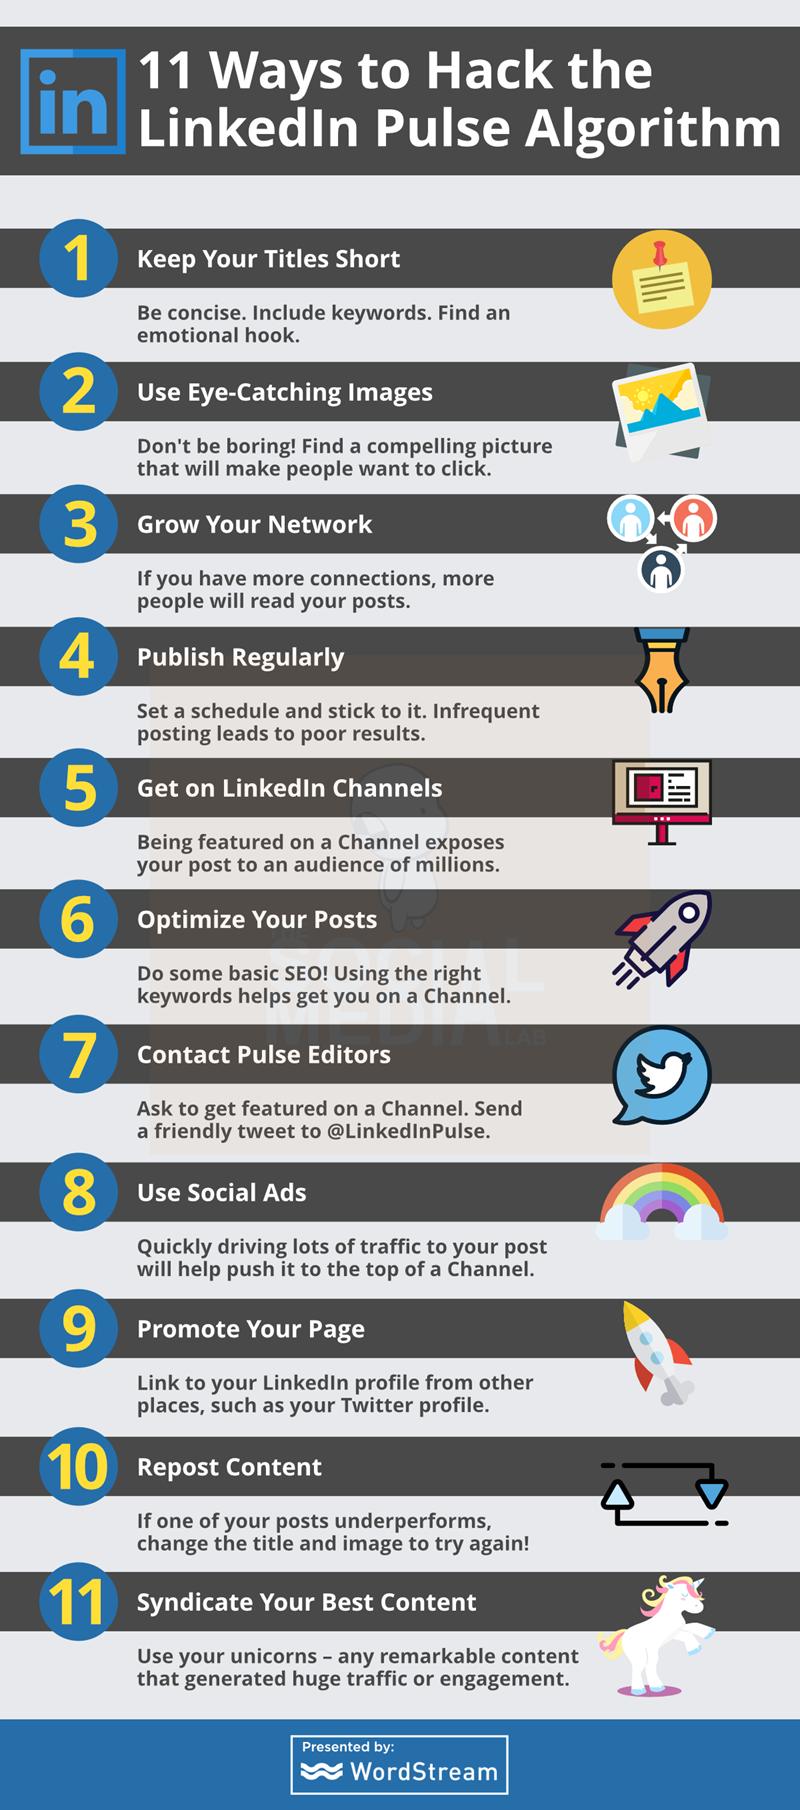 11 maneras de hackear el algoritmo de Pulse de LinkedIn - Infografia. ¿Tienes un blog y escribes en él? Seguro que quieres que tu contenido sea visible y leído por tantas personas como sea posible, ¿verdad? Con Linkedin Pulse es posible.